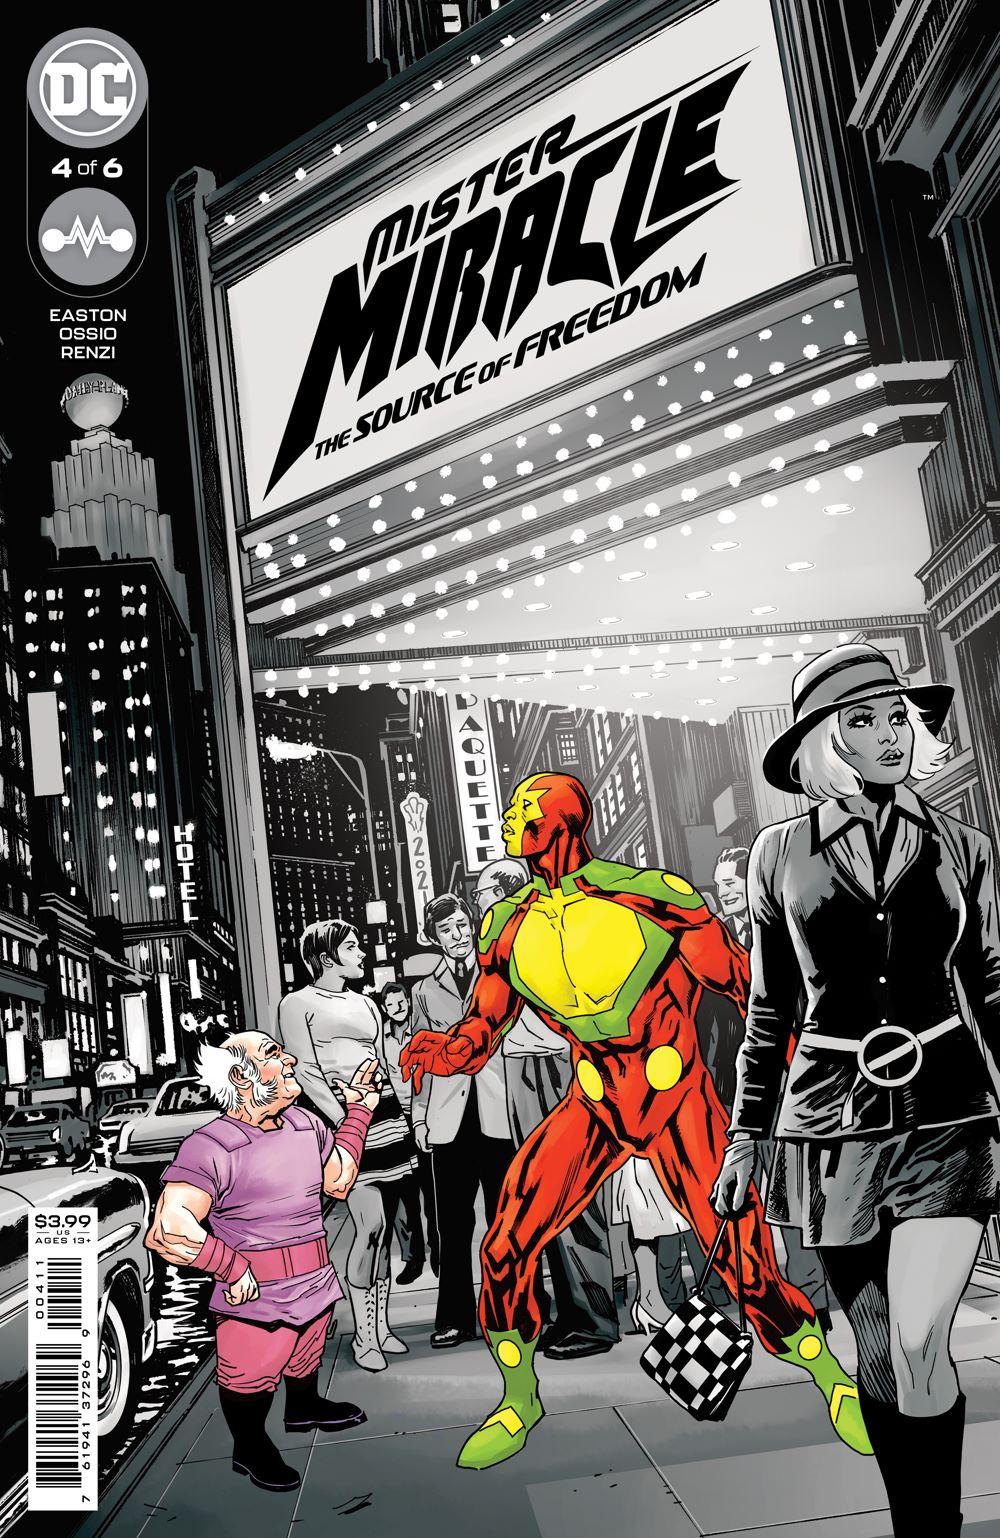 MMTSOF_Cv4 DC Comics August 2021 Solicitations